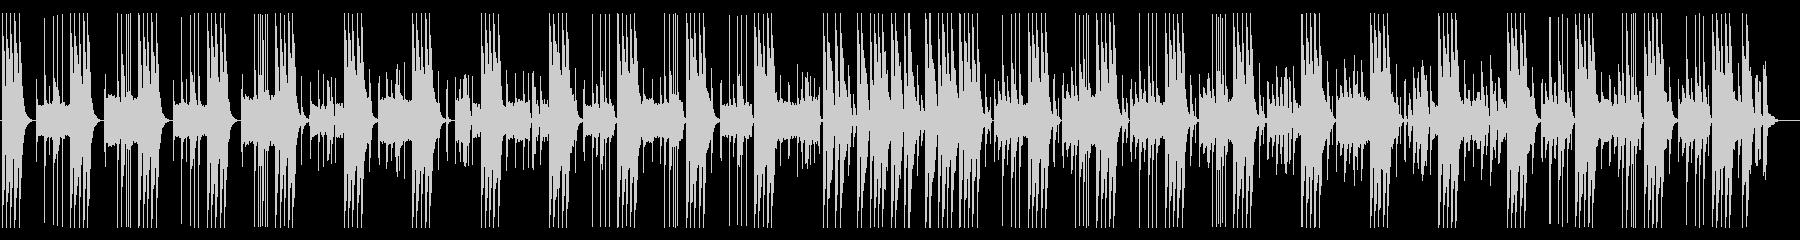 とぼけた、コミカルな雰囲気の日常系BGMの未再生の波形